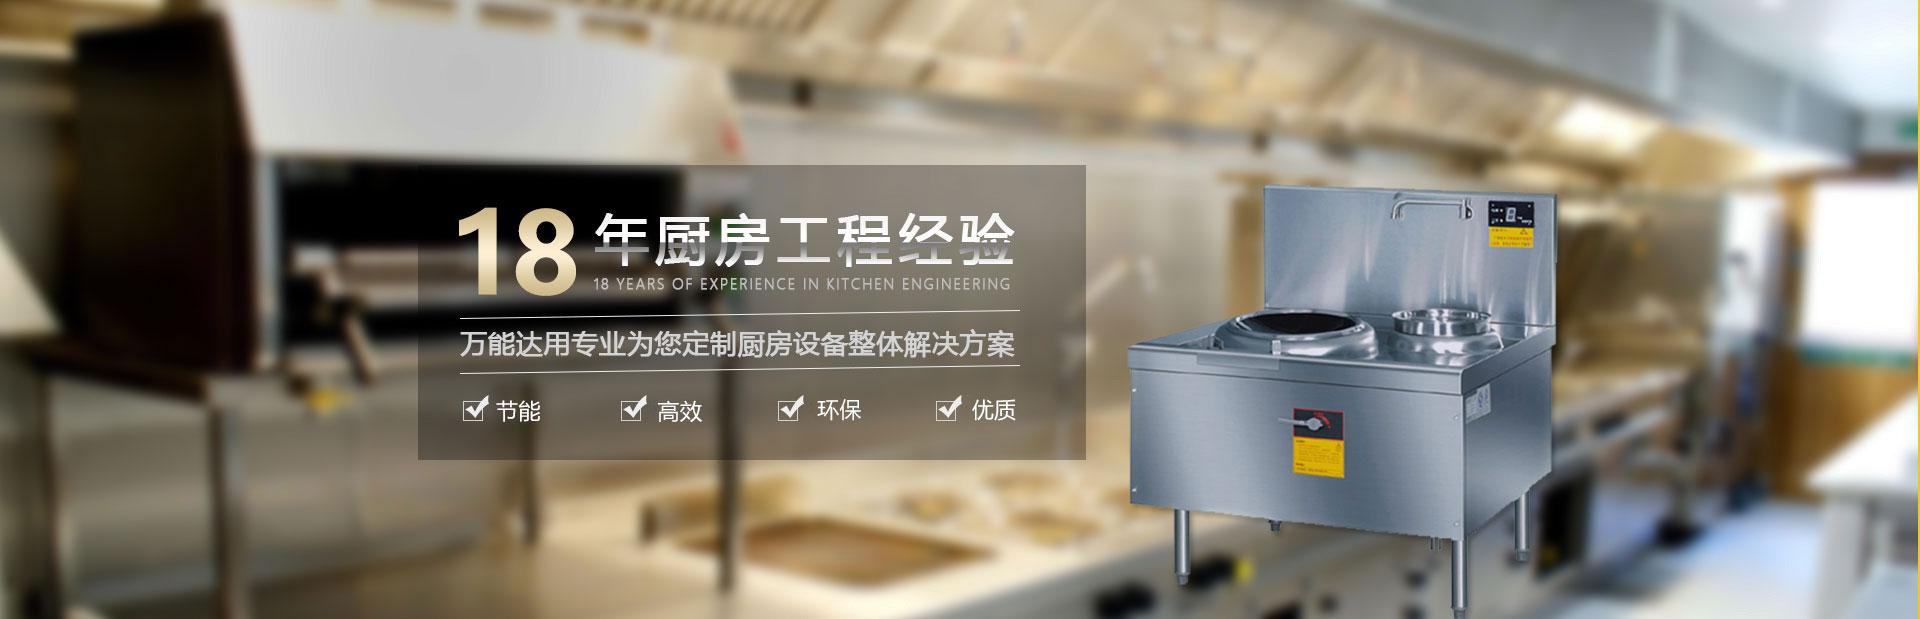 厨房设备定制